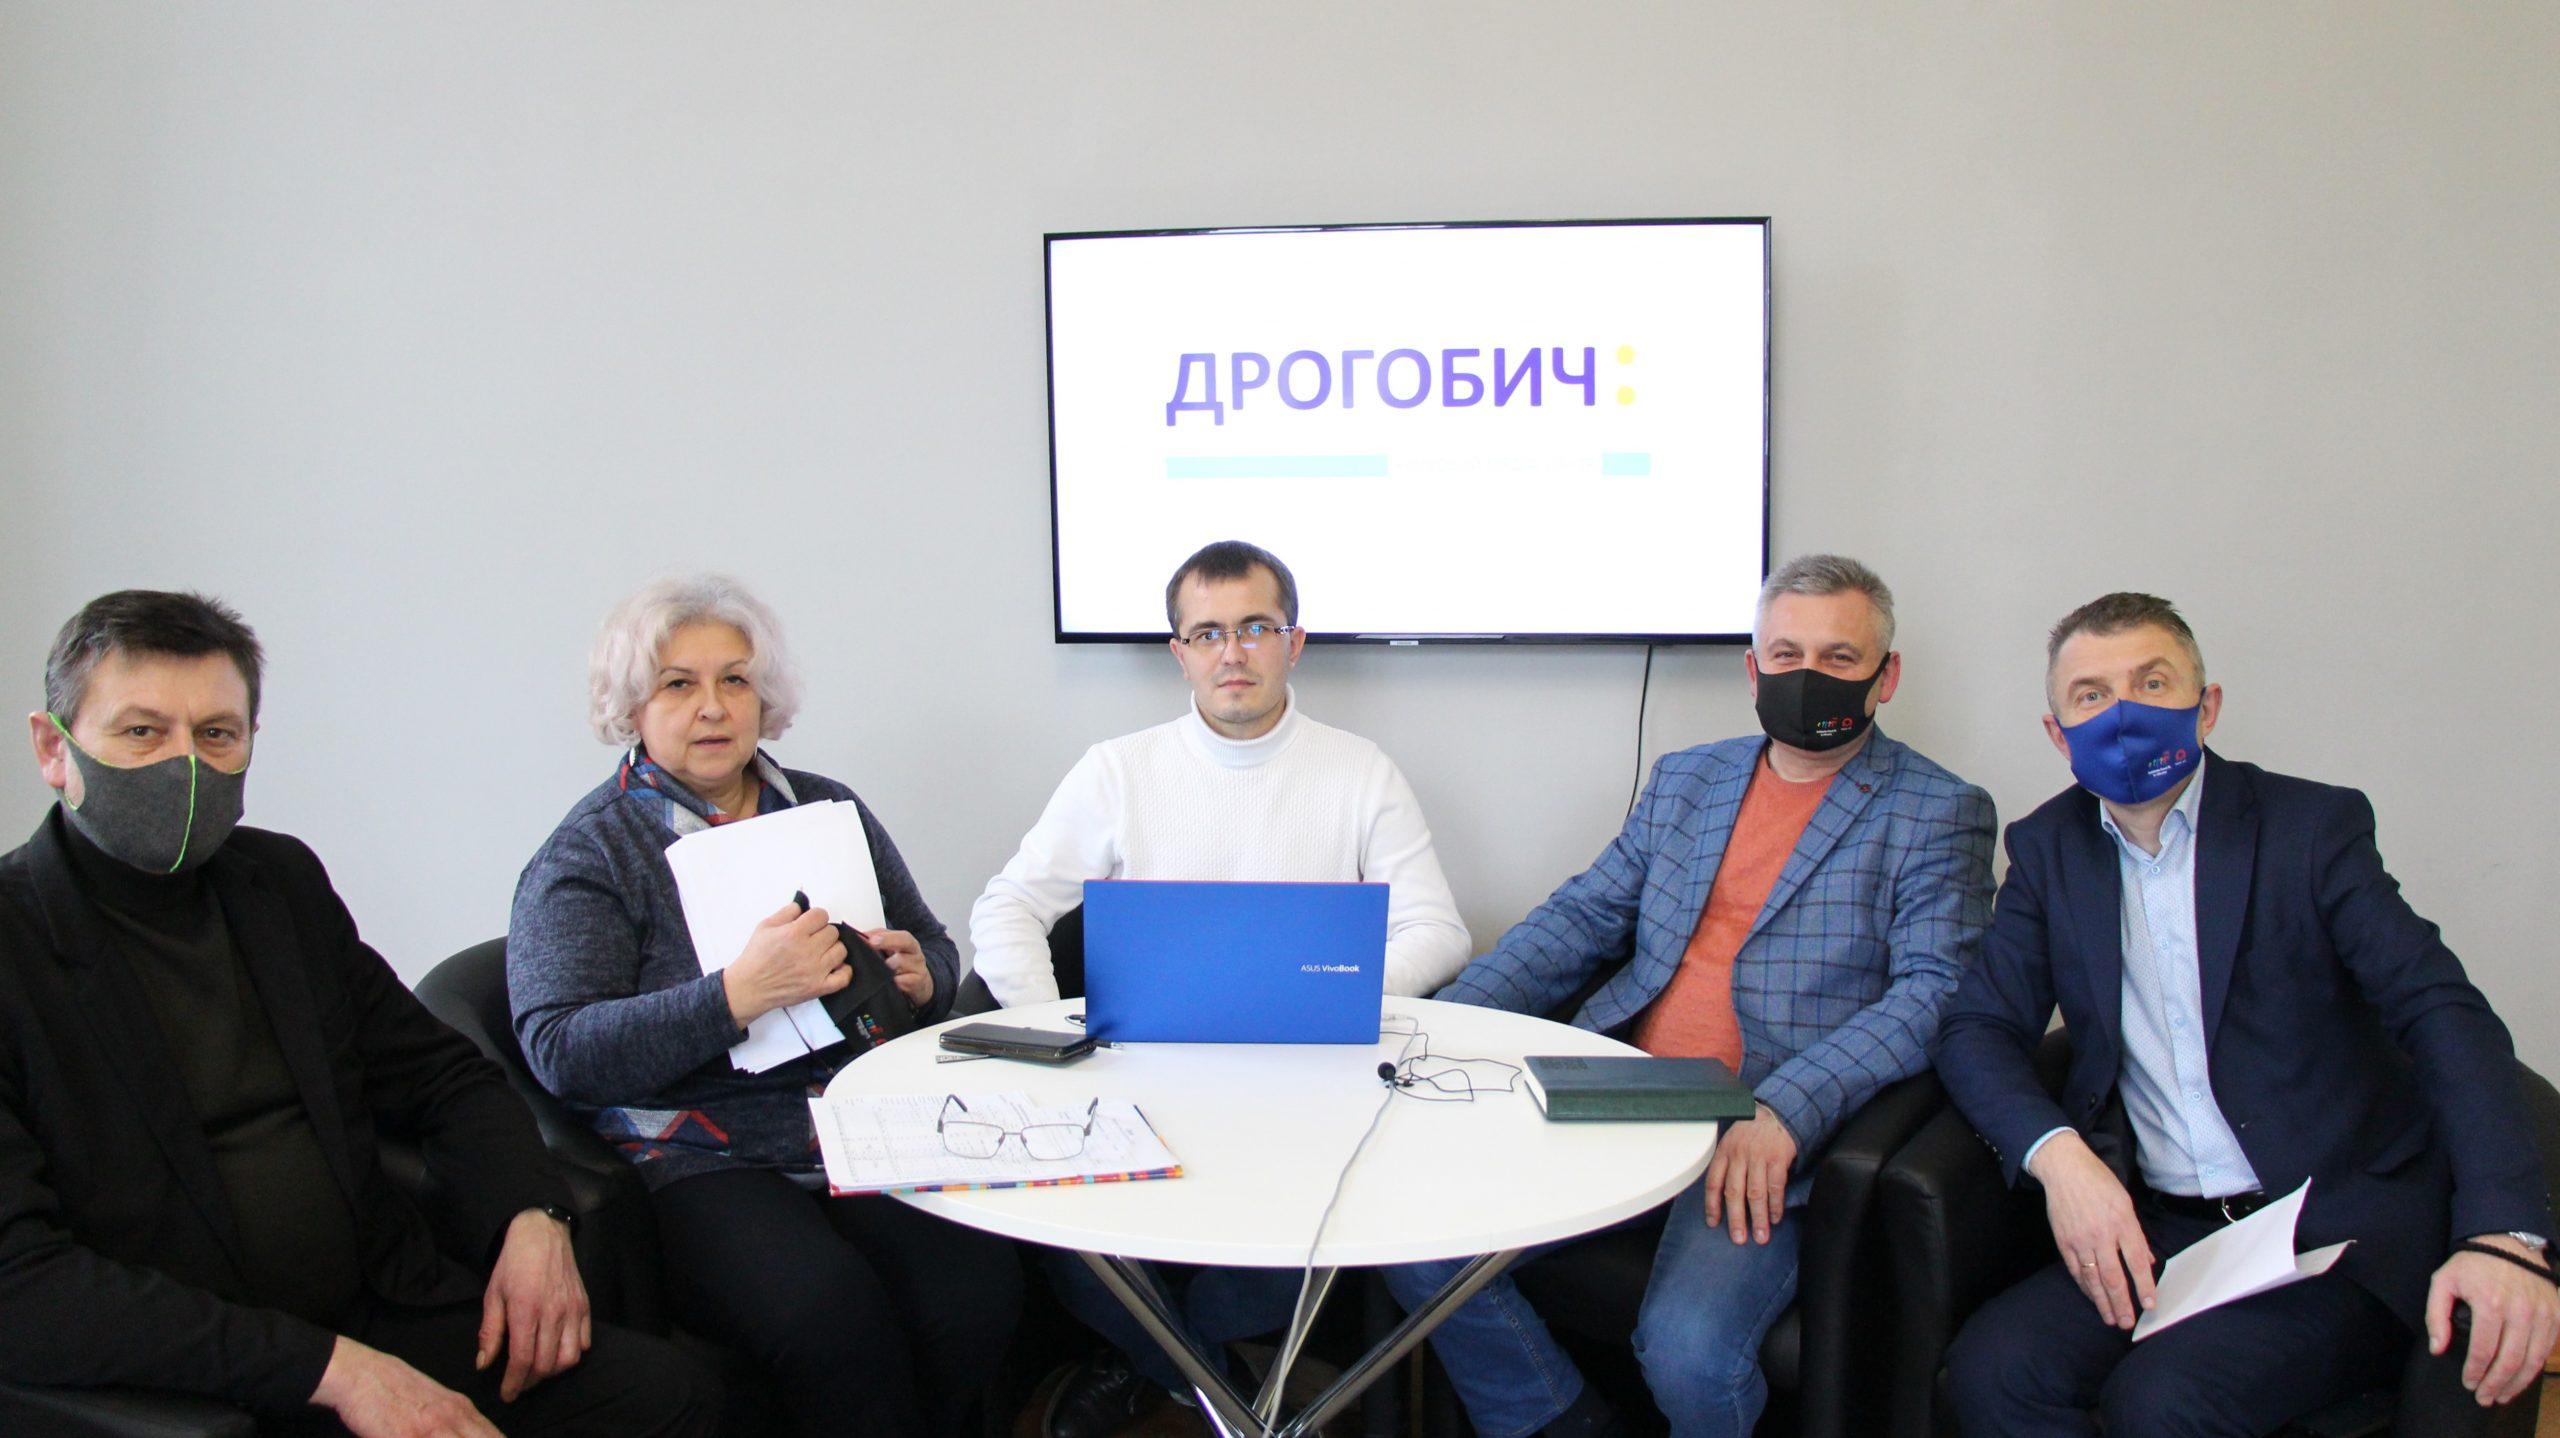 КМЦ «Дрогобич:». Як функціонуватимуть галузі освіти, культури та охорони здоров'я в ОТГ?